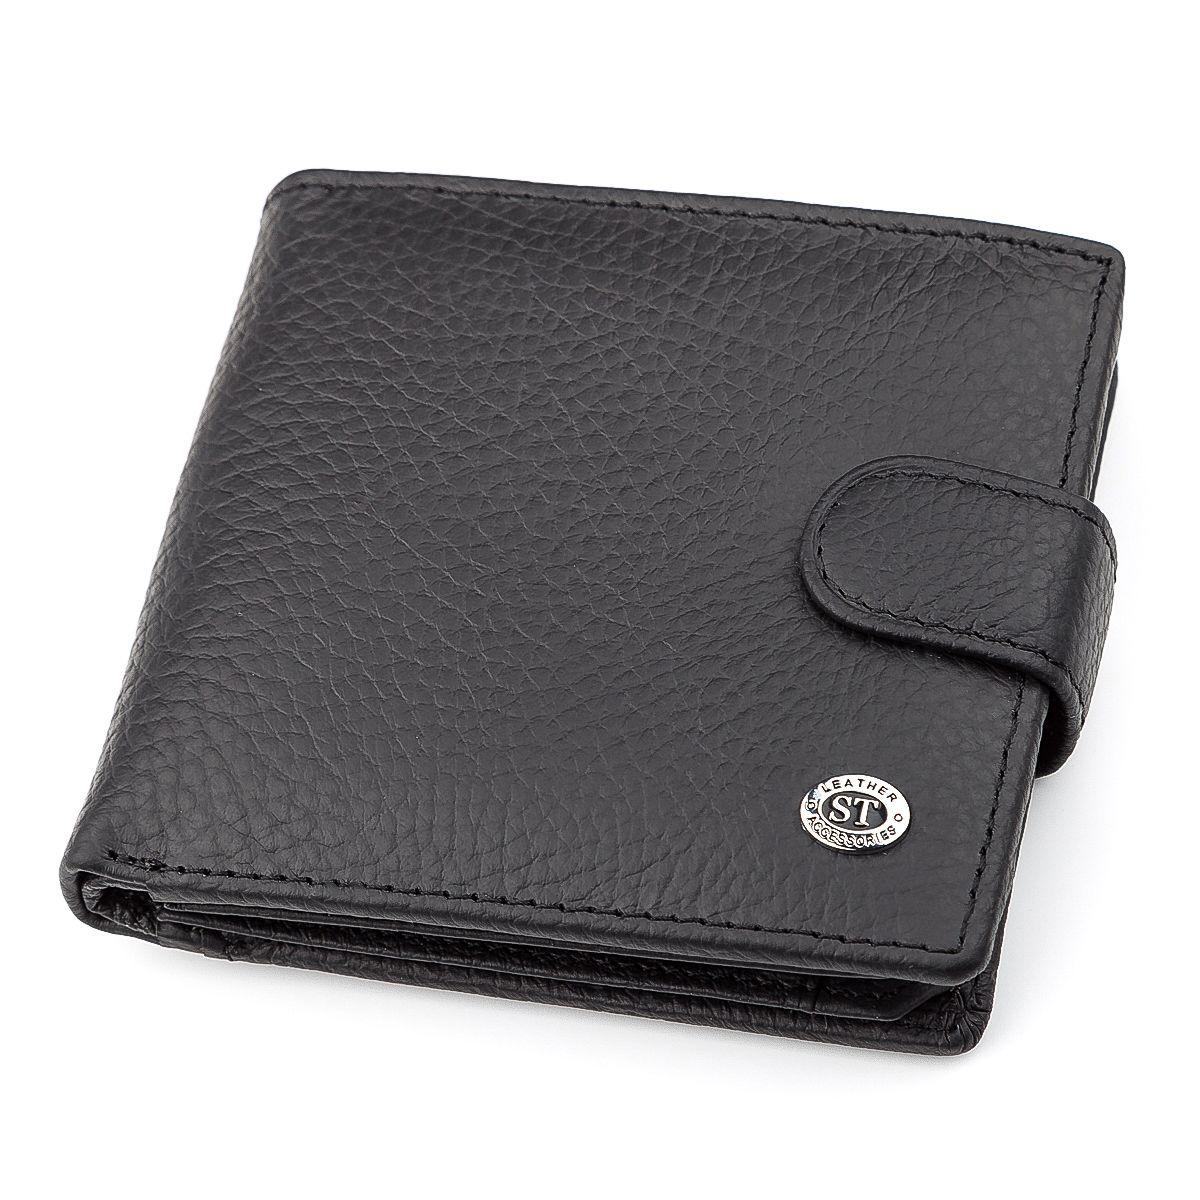 Мужской Кошелек St Leather 18345 (St153) Кожаный Черный, Черный